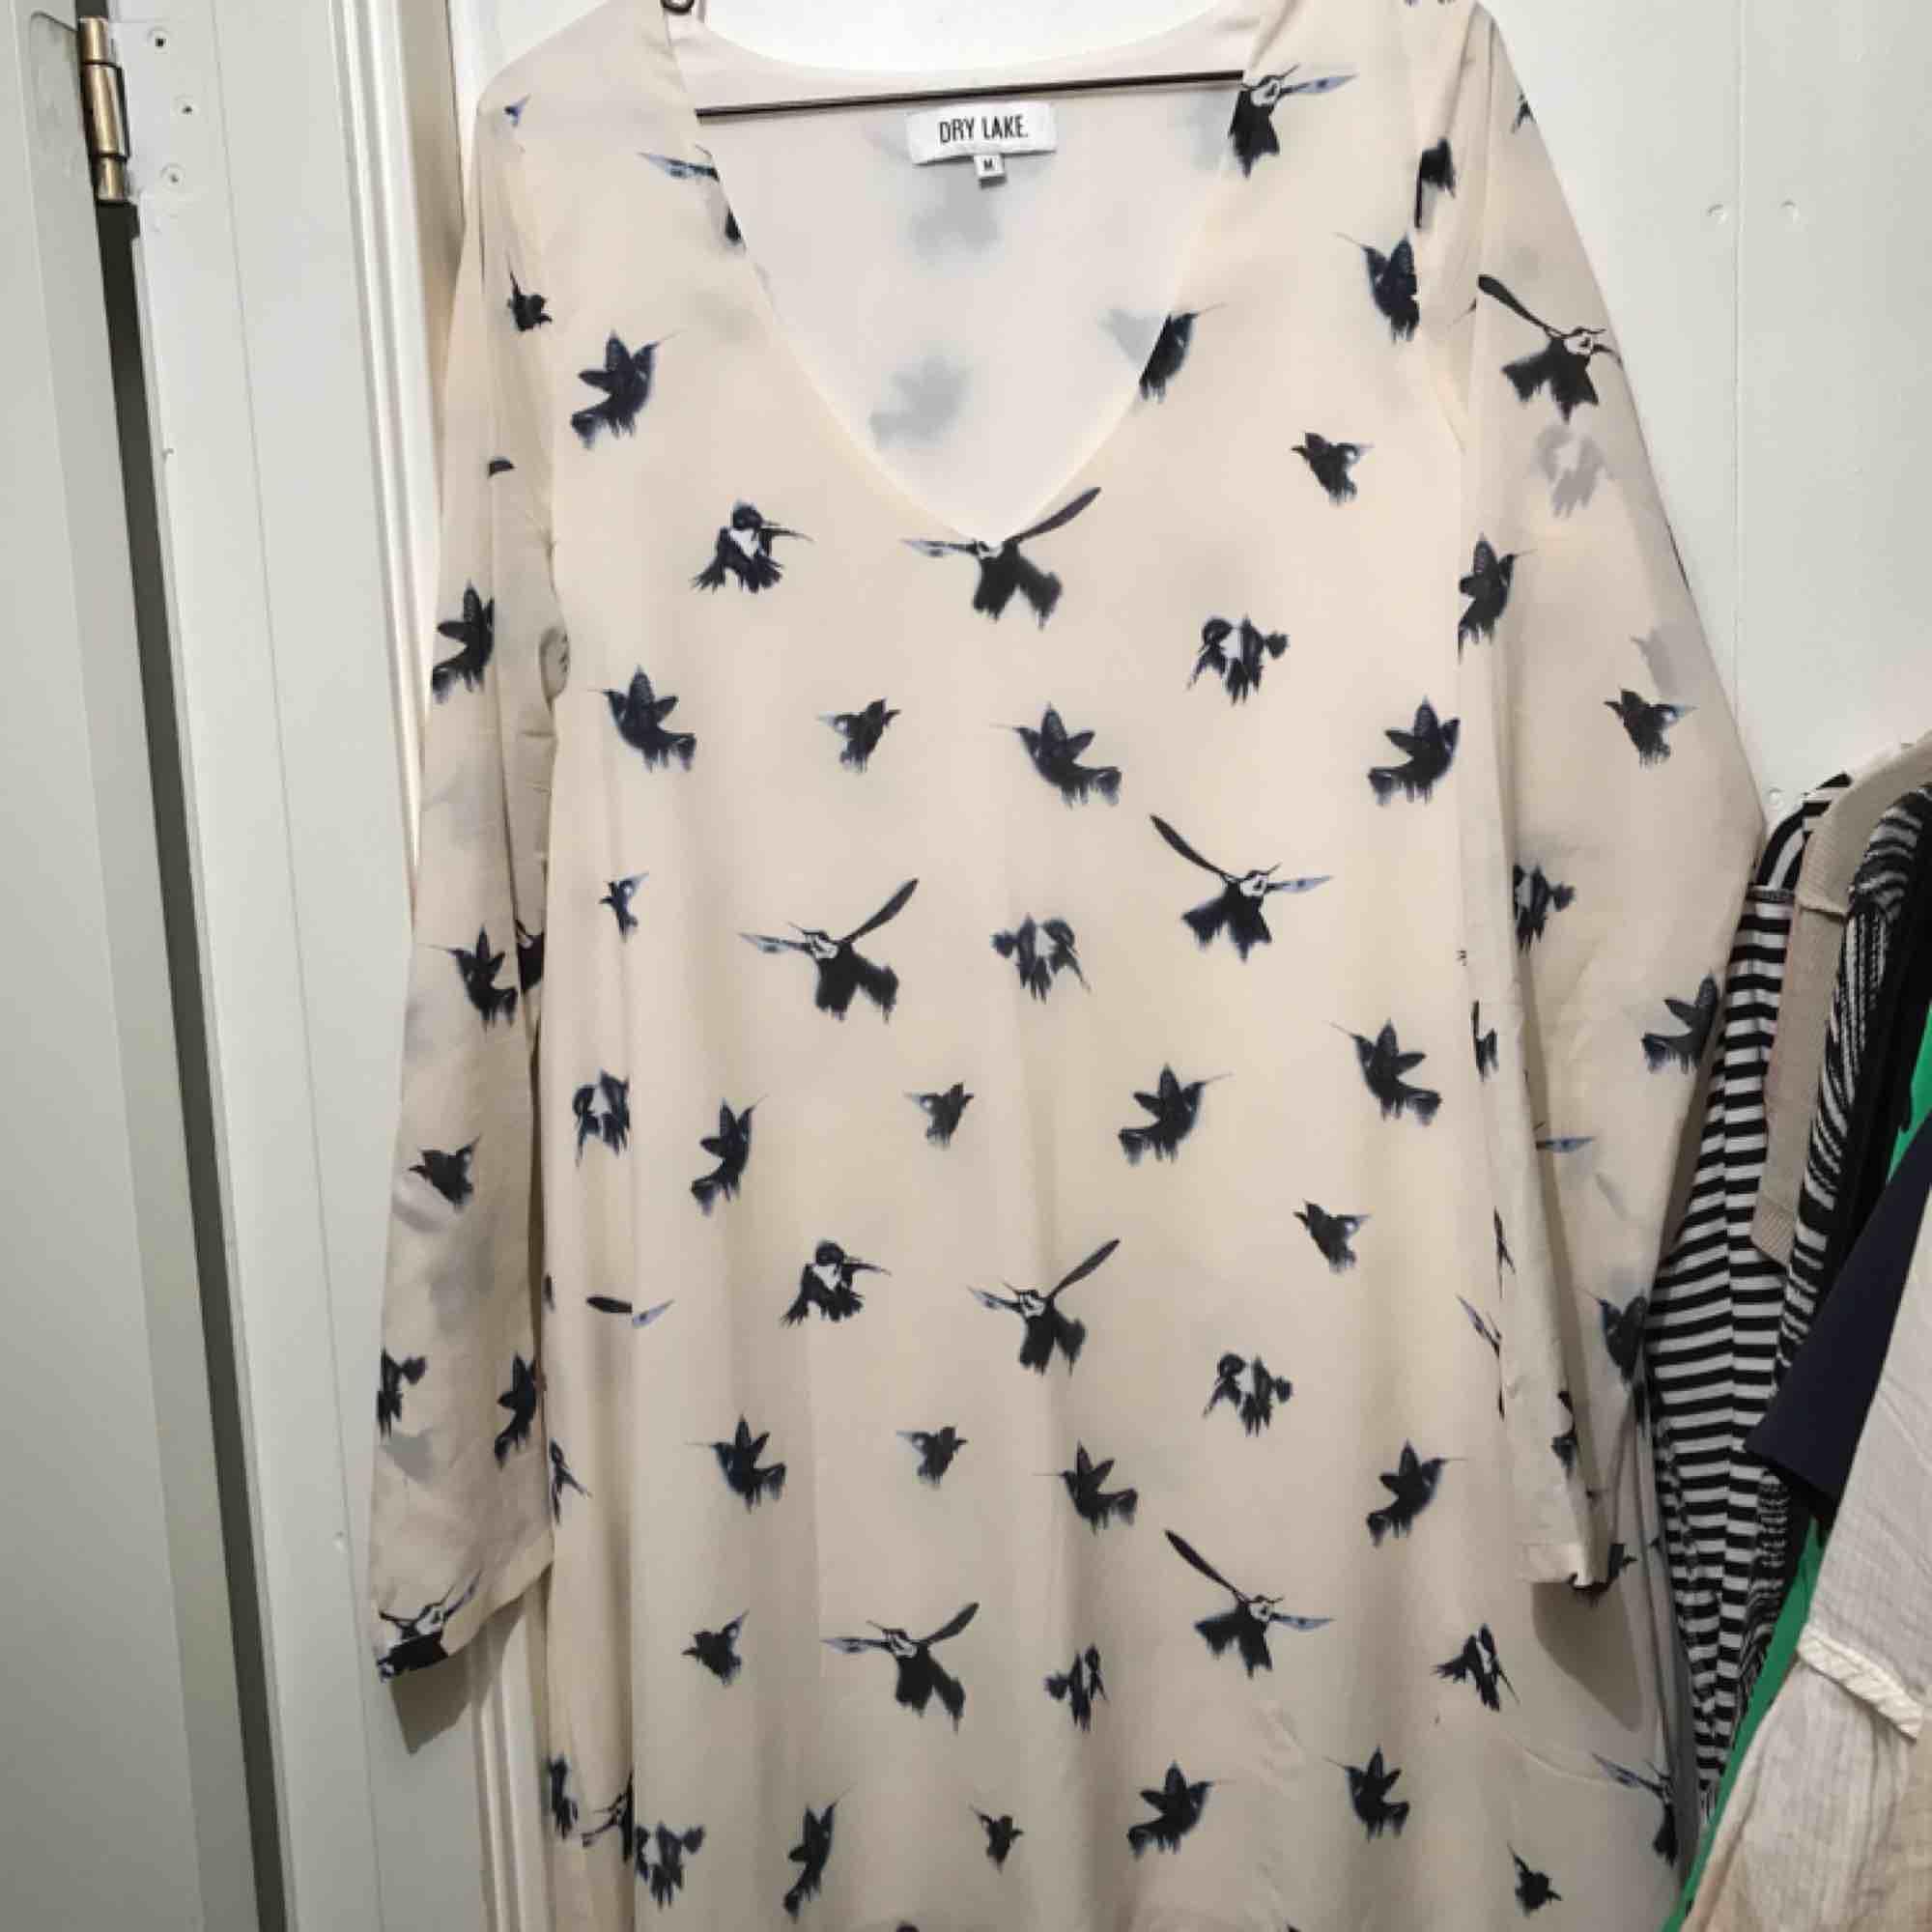 Söt klänning med fåglar från Dry lake. Sparsamt använd och utan skavanker. Frakt inom Sverige ingår.. Klänningar.